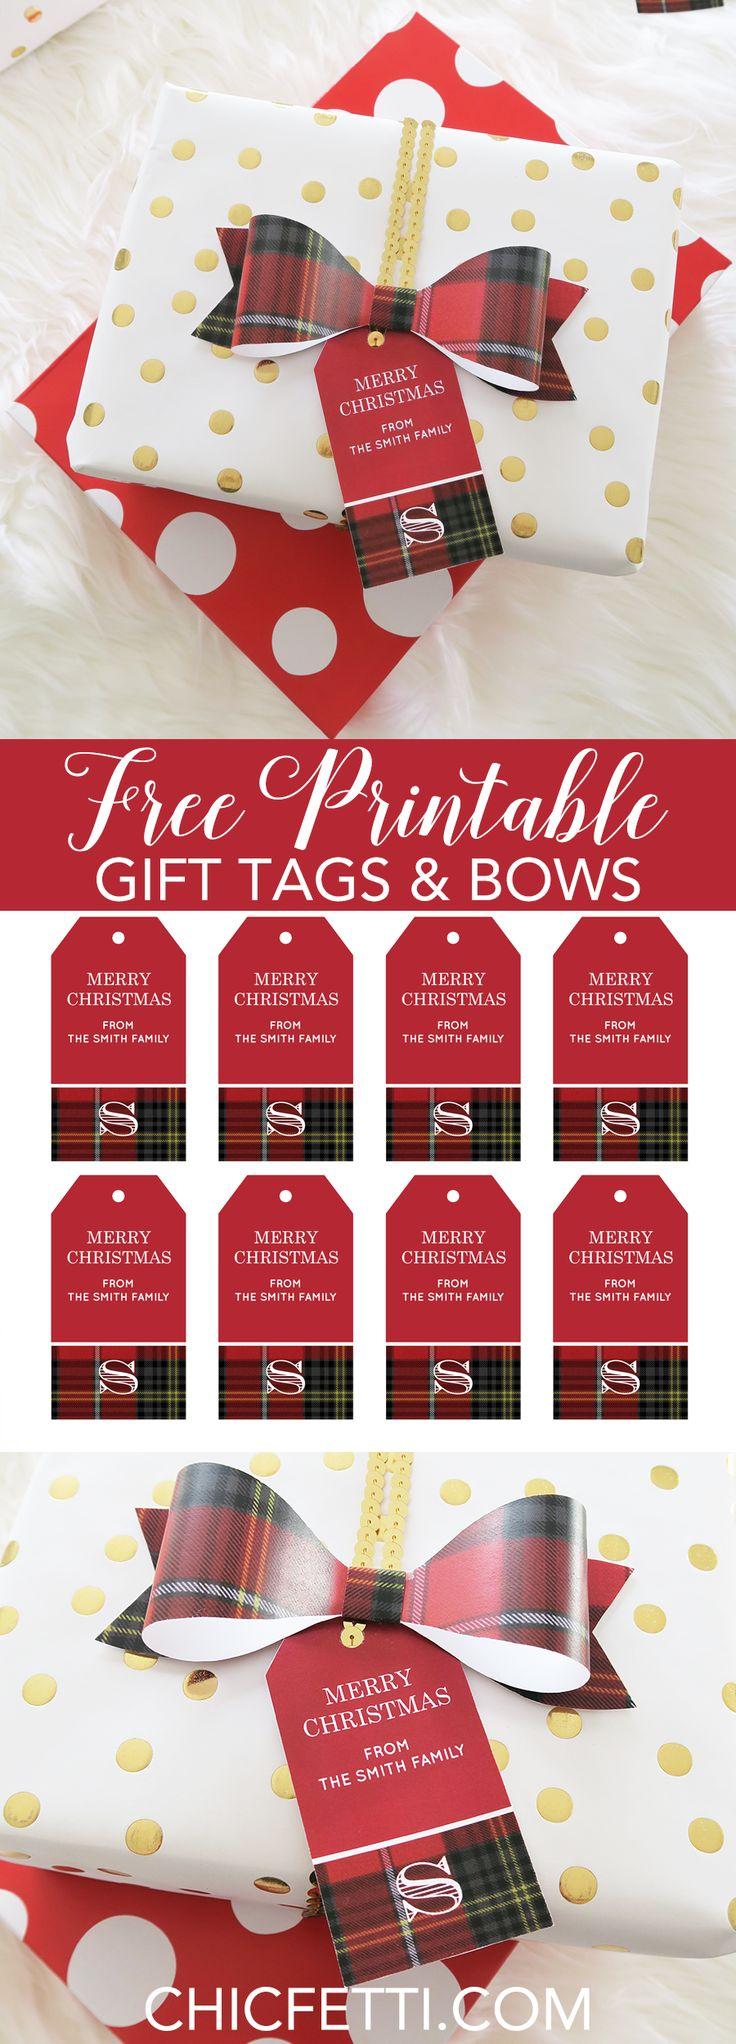 Christmas Tartan Free Printable Gift Tags and